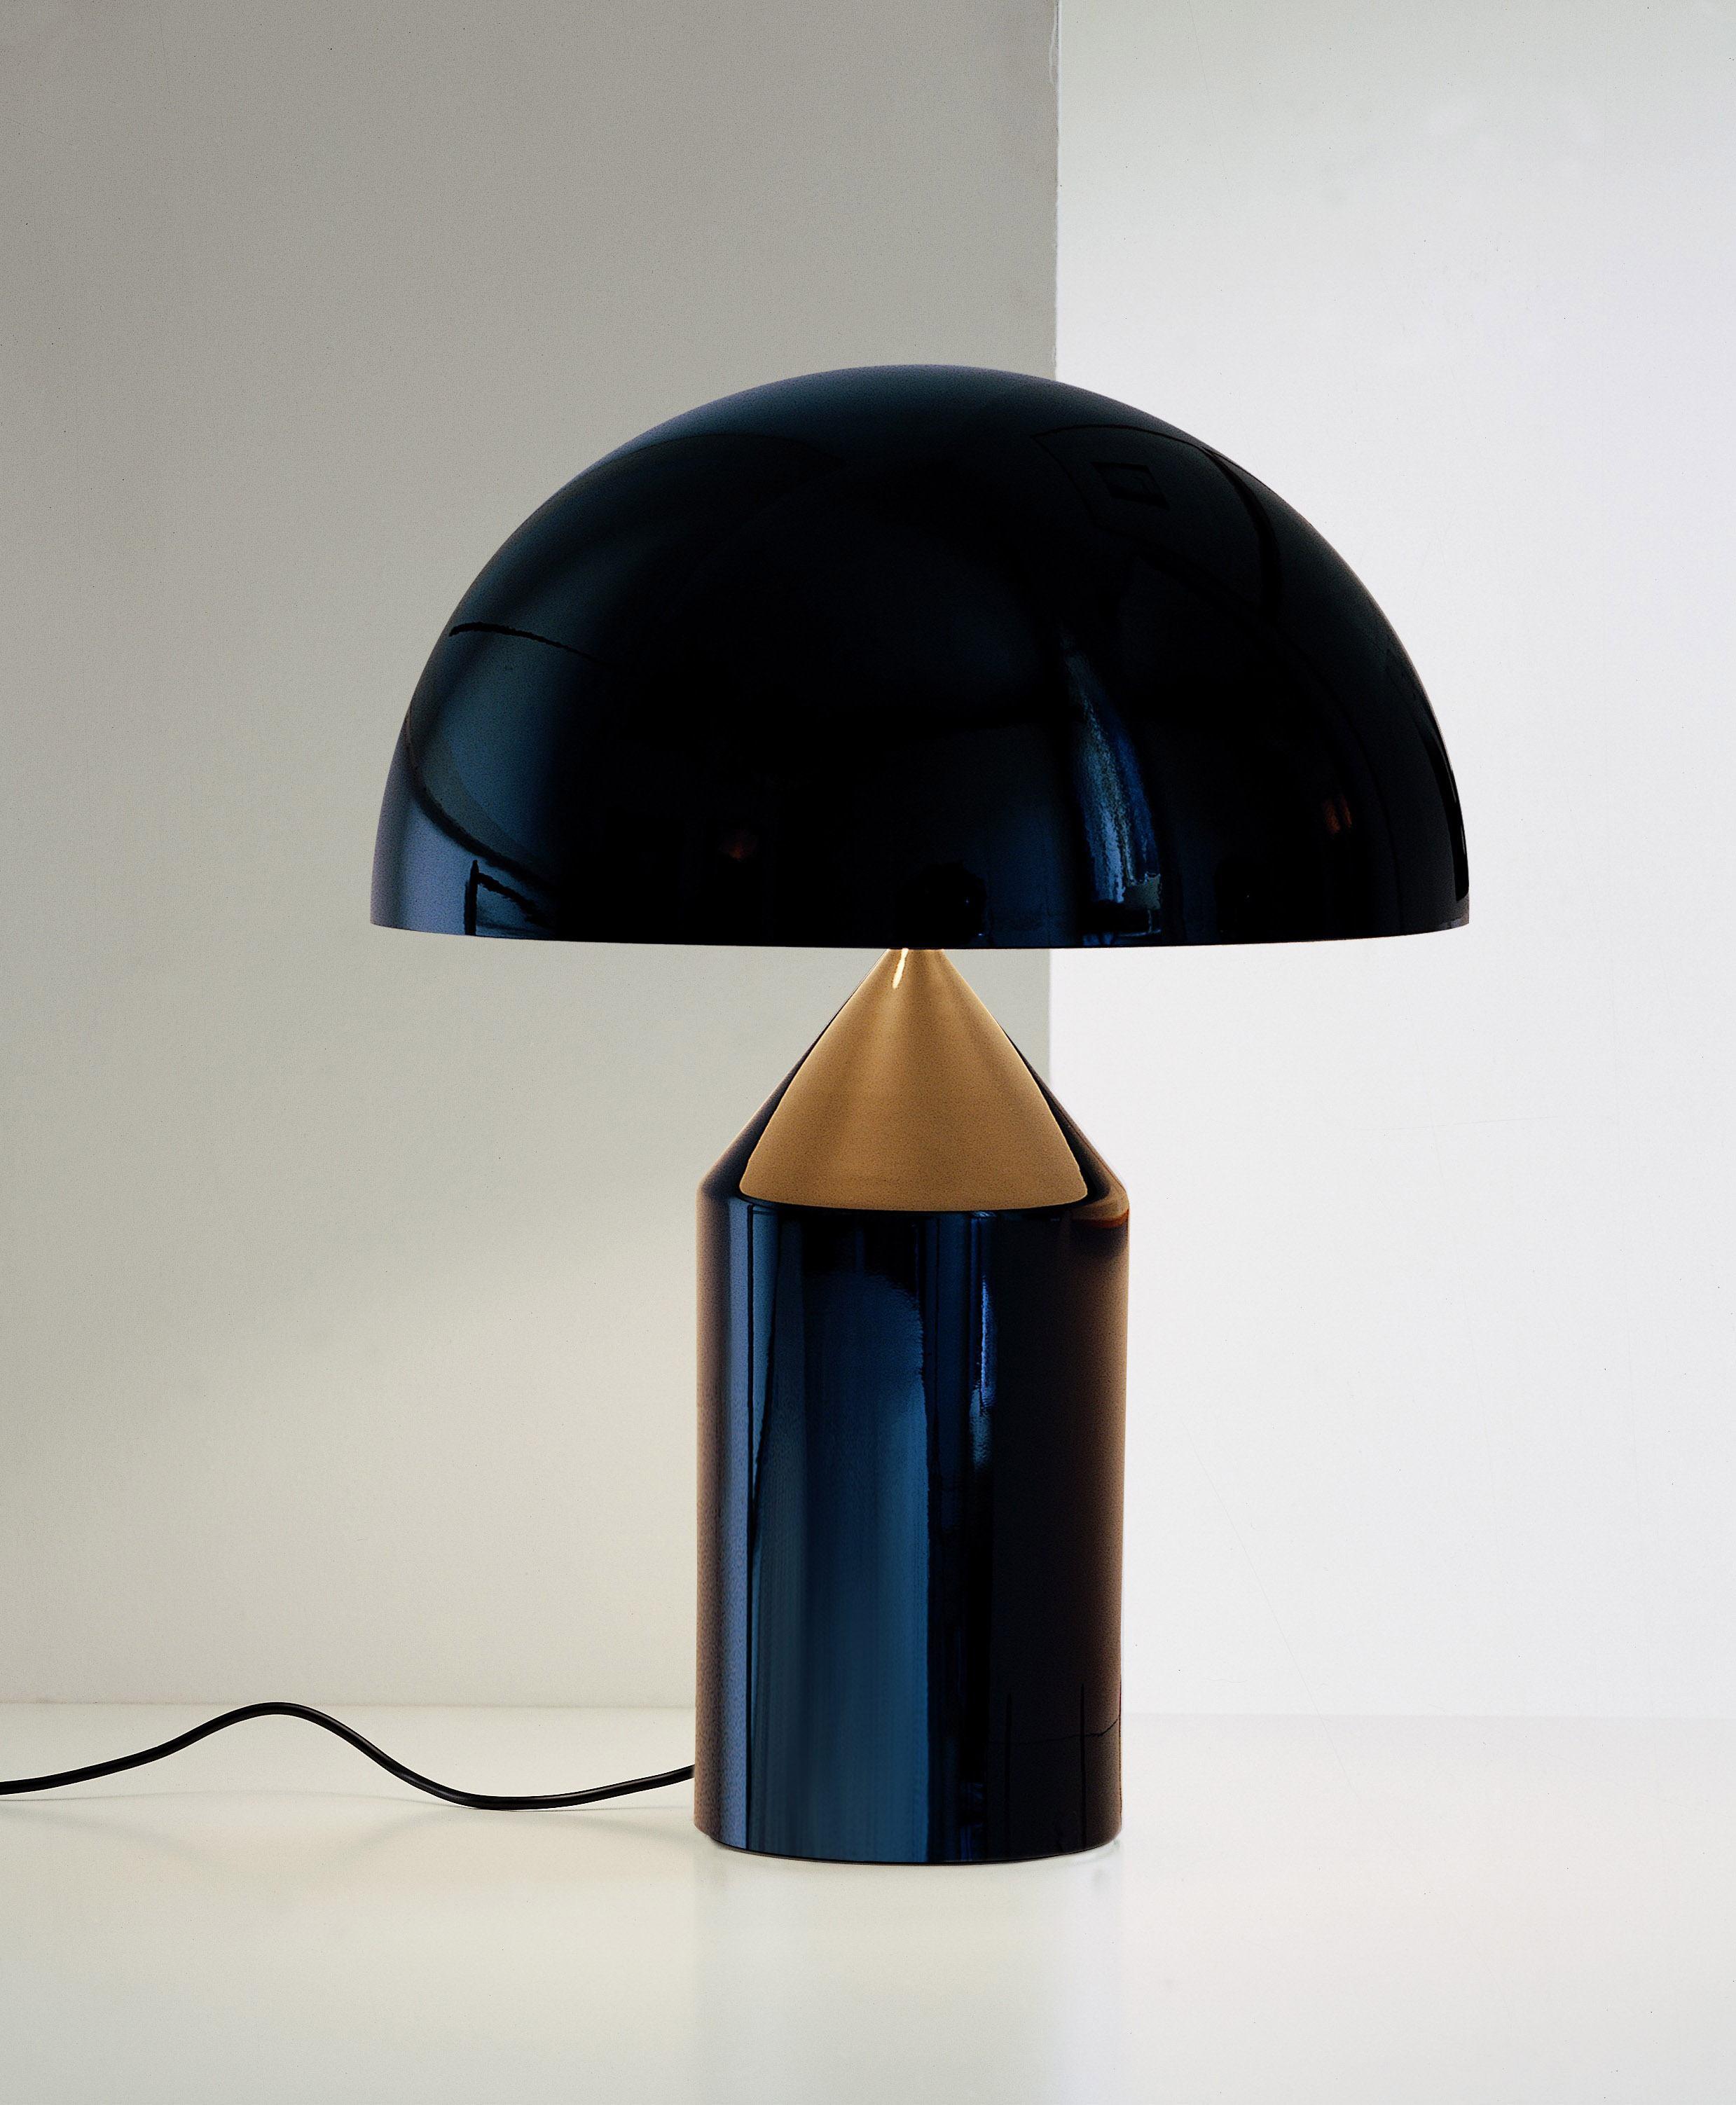 atollo lámpara de diseño italiano magistretti oluce